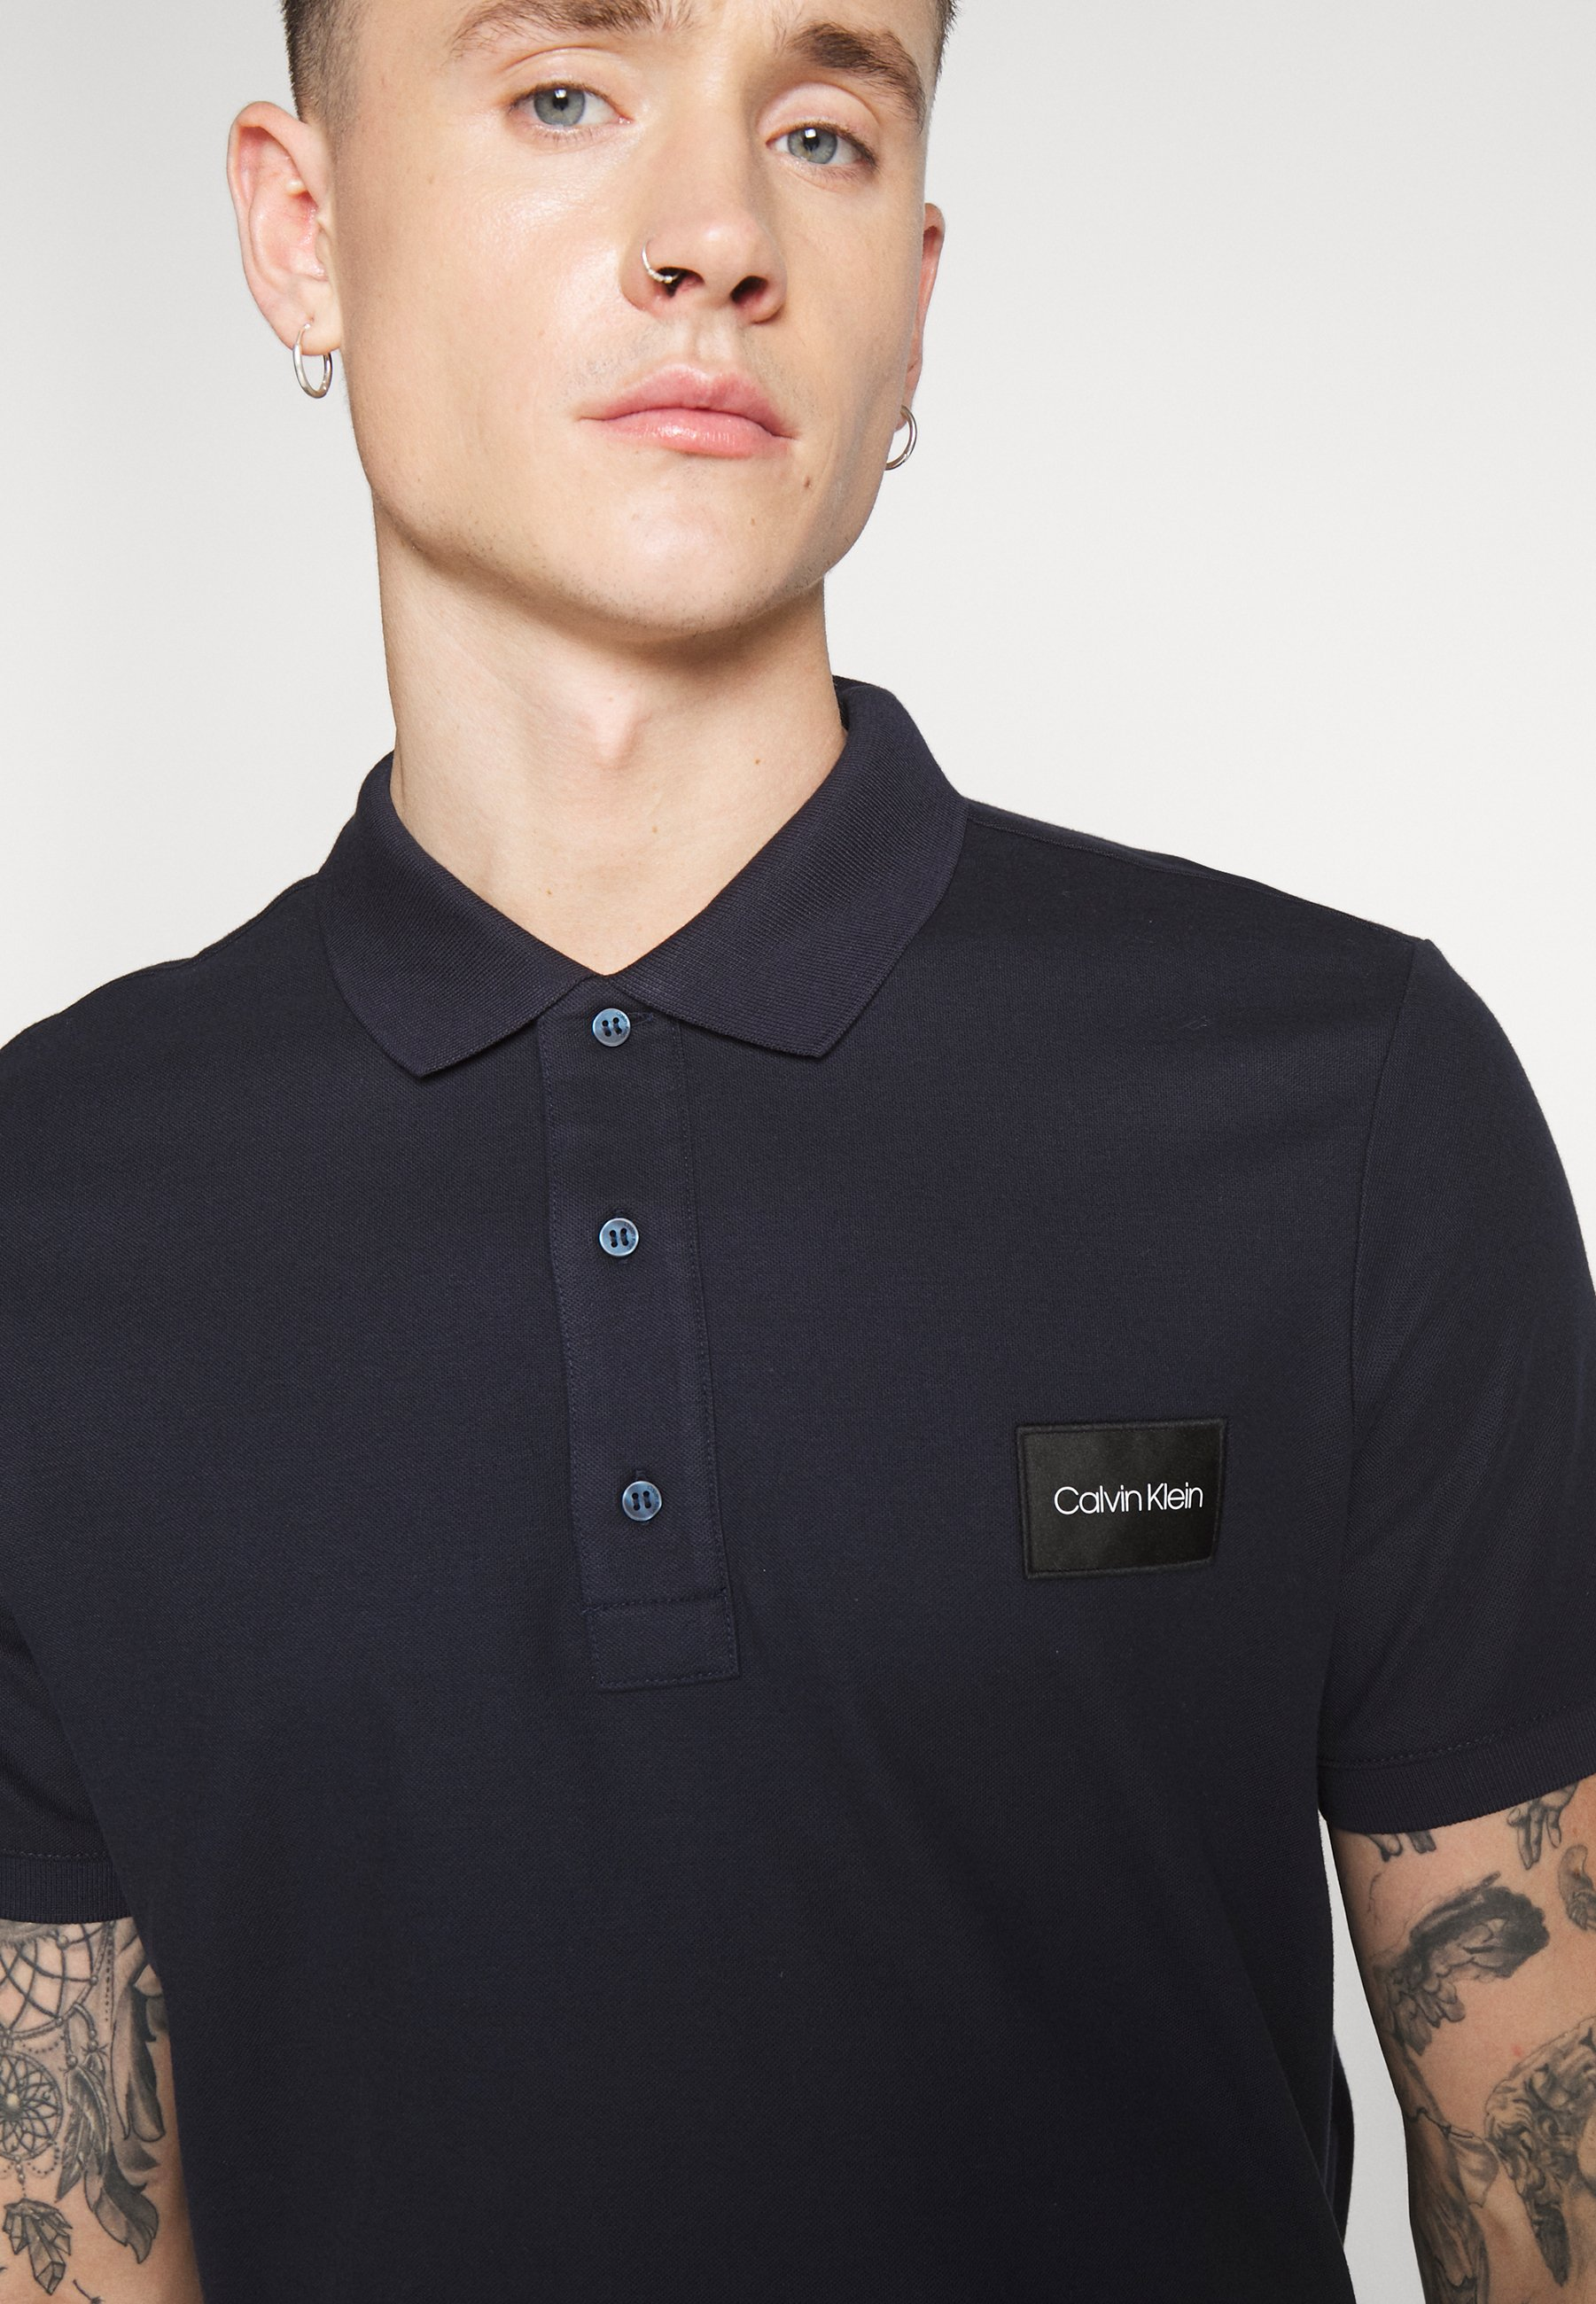 Calvin Klein Refined Logo Badge - Piké Blue